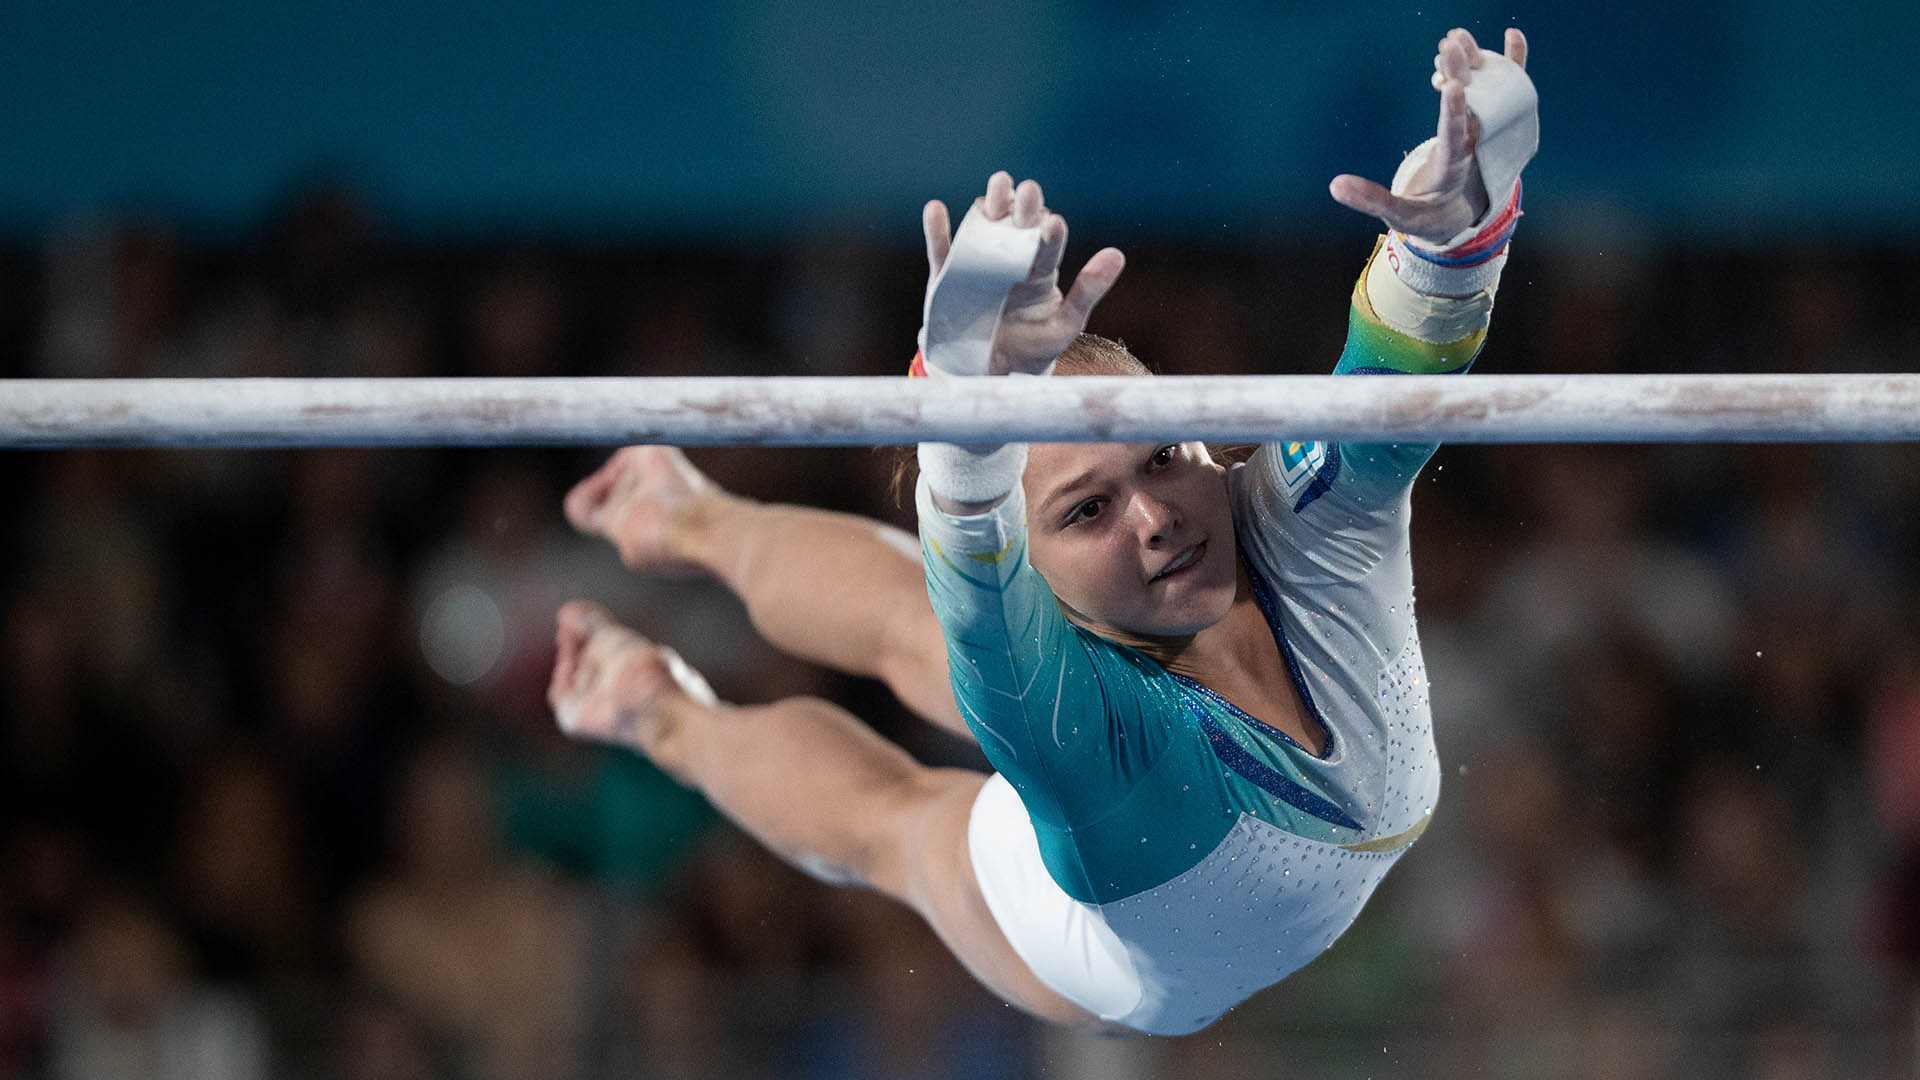 La ucranianan Anastasiia Bachynskaen acción en la especialidad de barras paralelas de gimnasia artística (Foto:REUTERS)